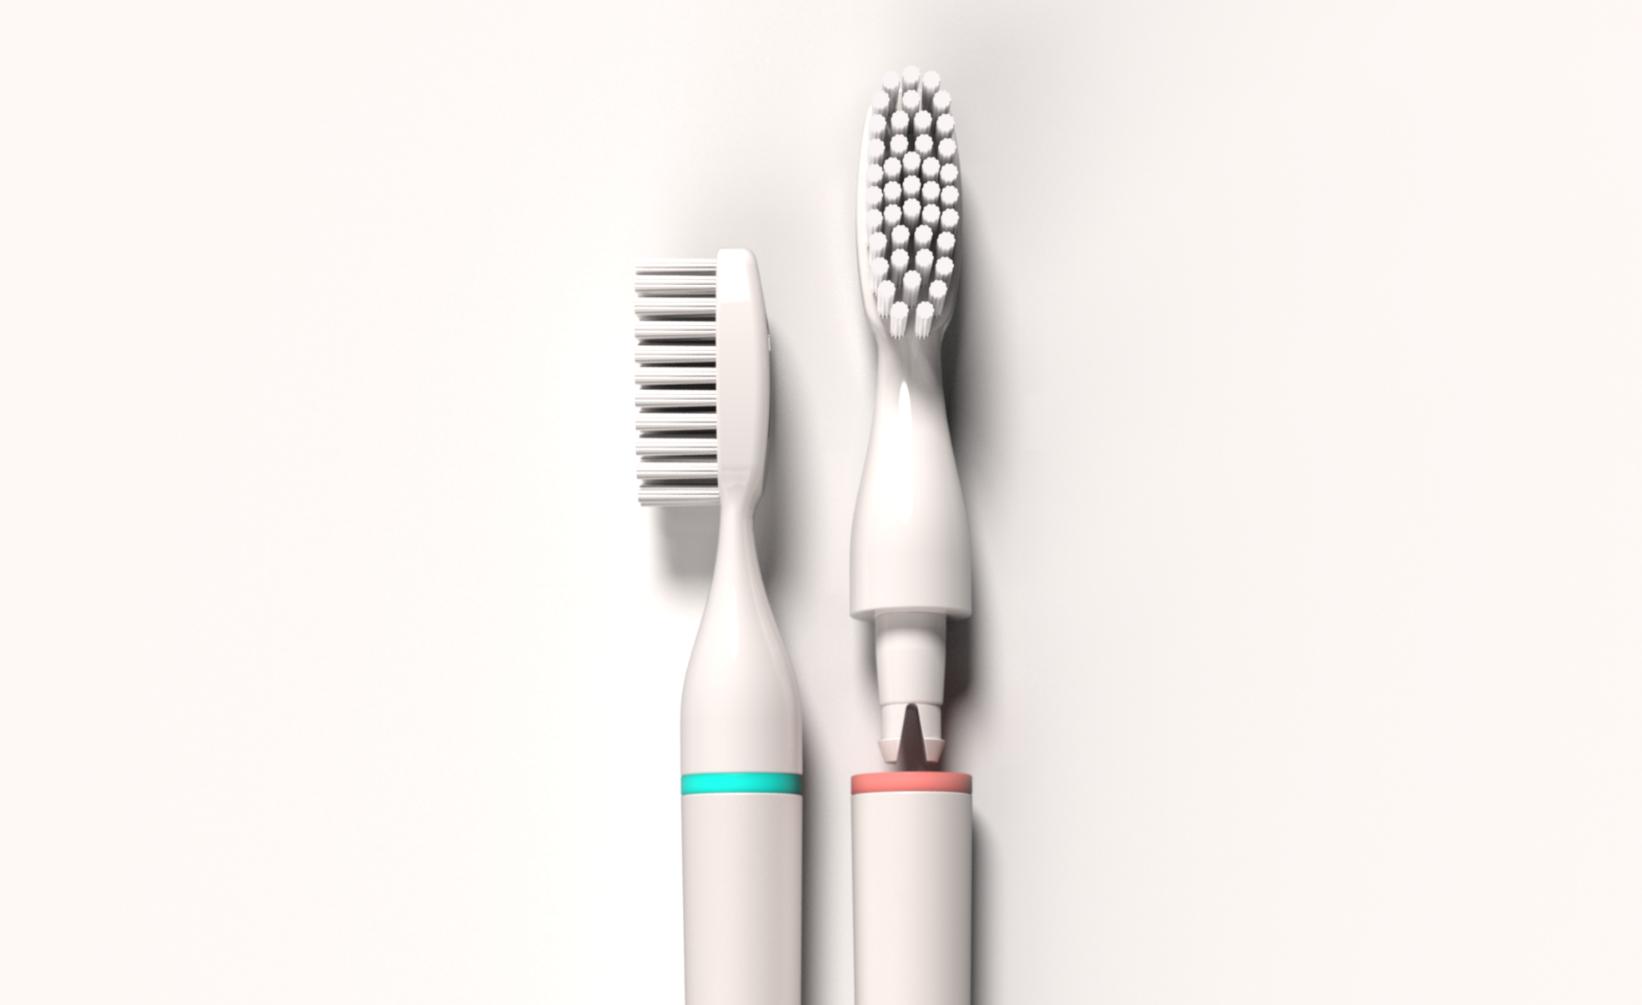 toothbrush rendering 1_edited